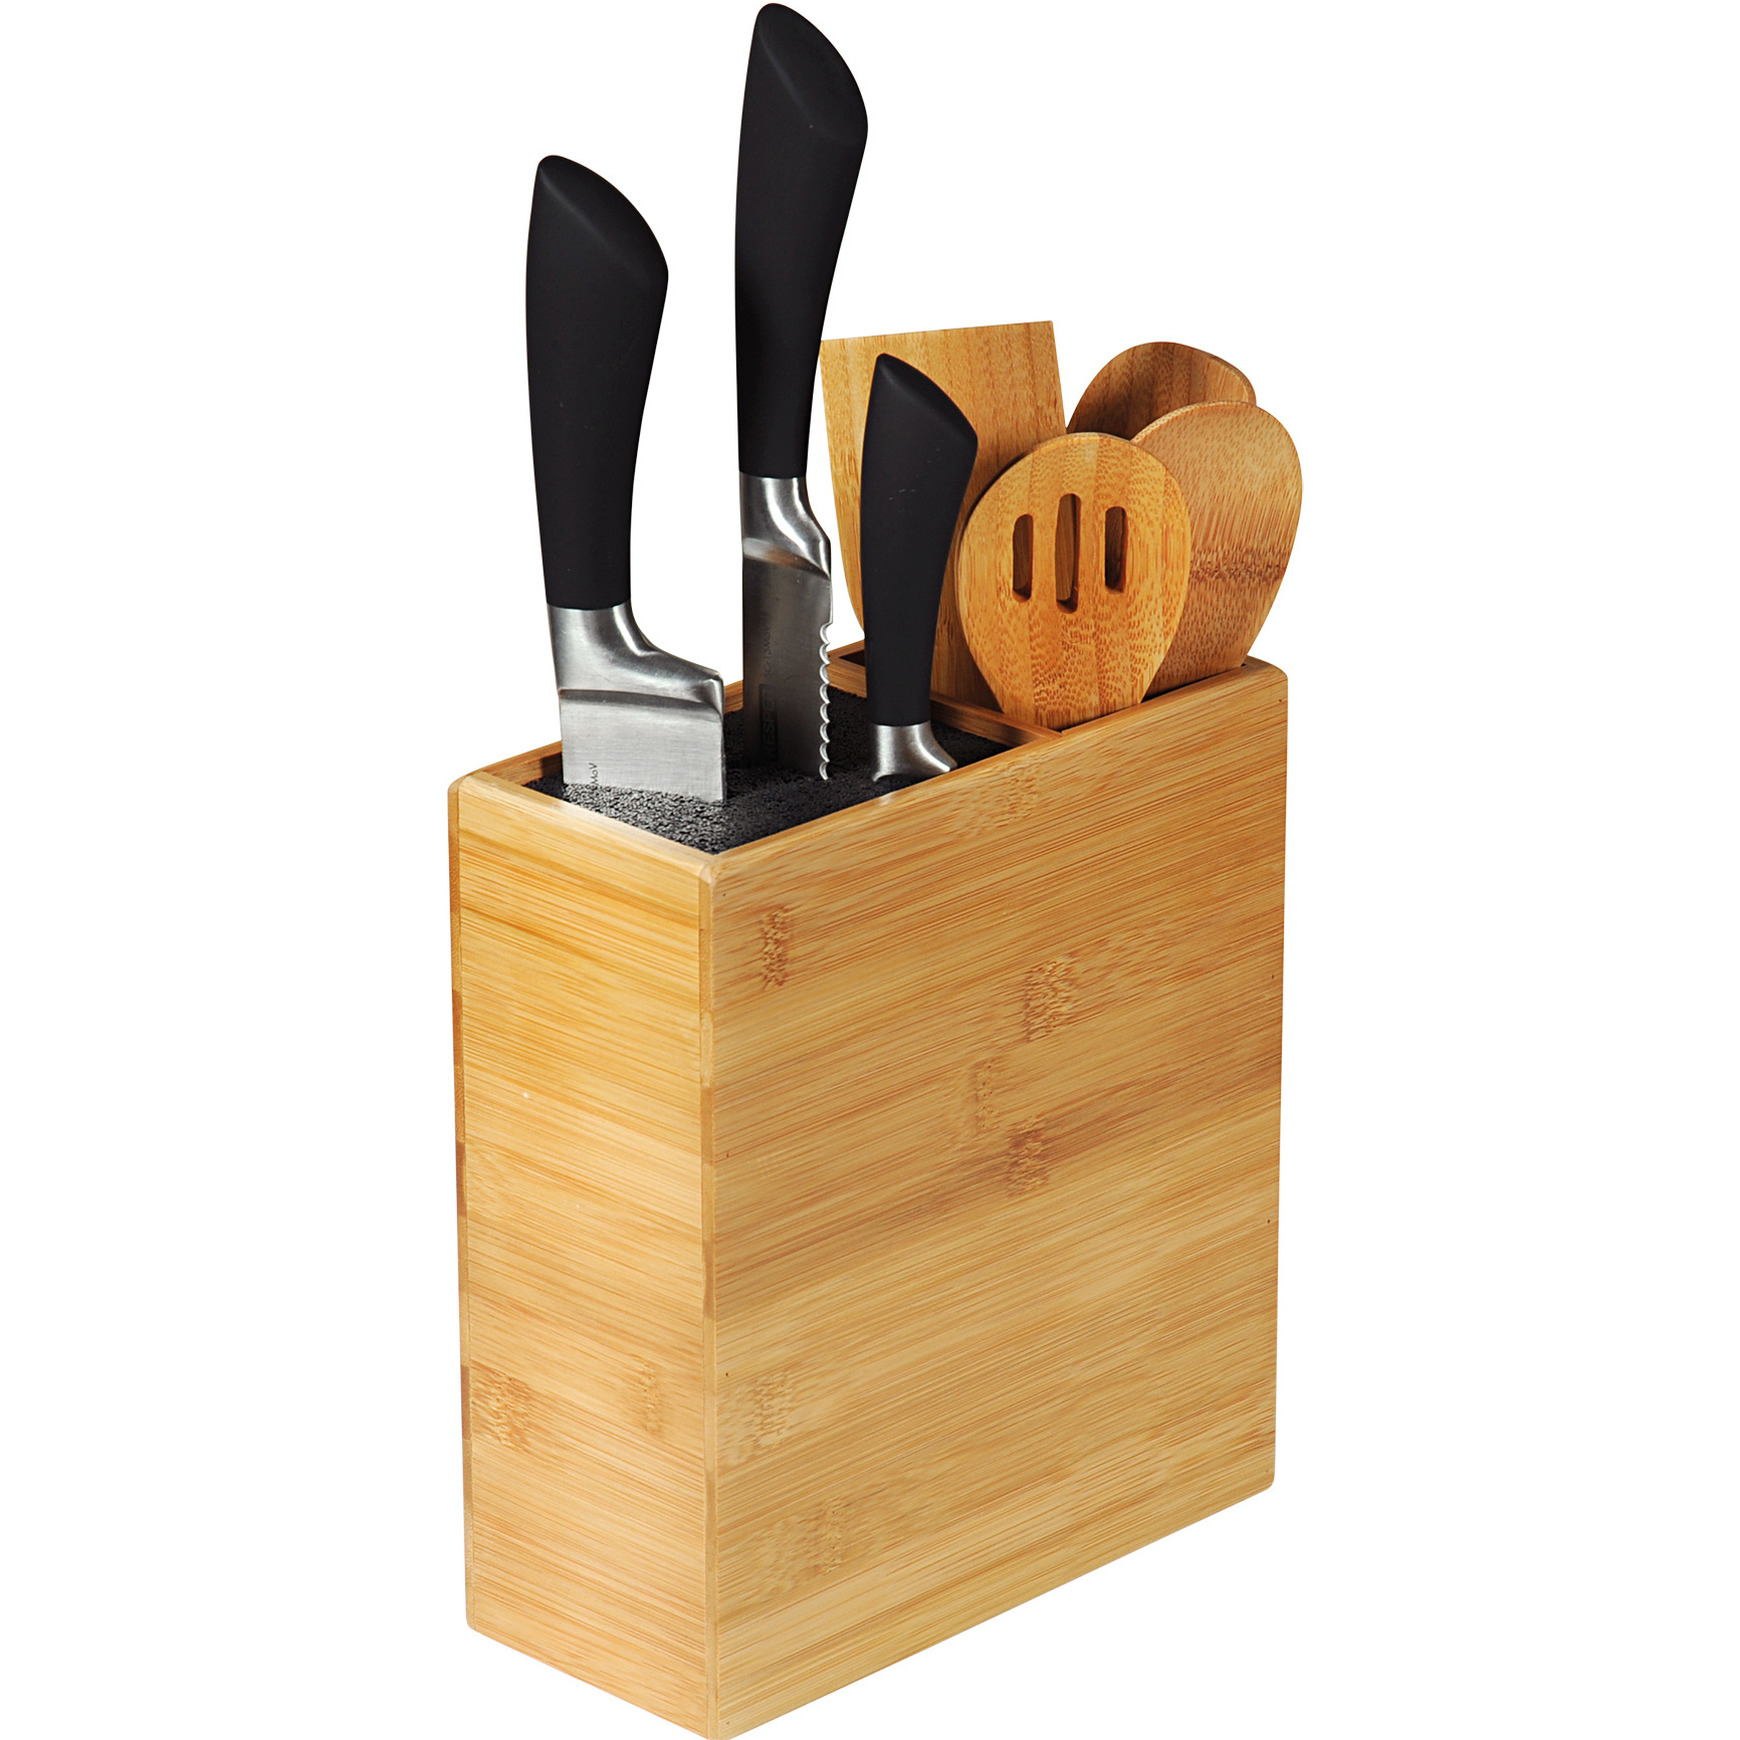 1x Messenblokken-messenhouders 9 x 20 x 24 cm bamboehout met vak voor keukengerei